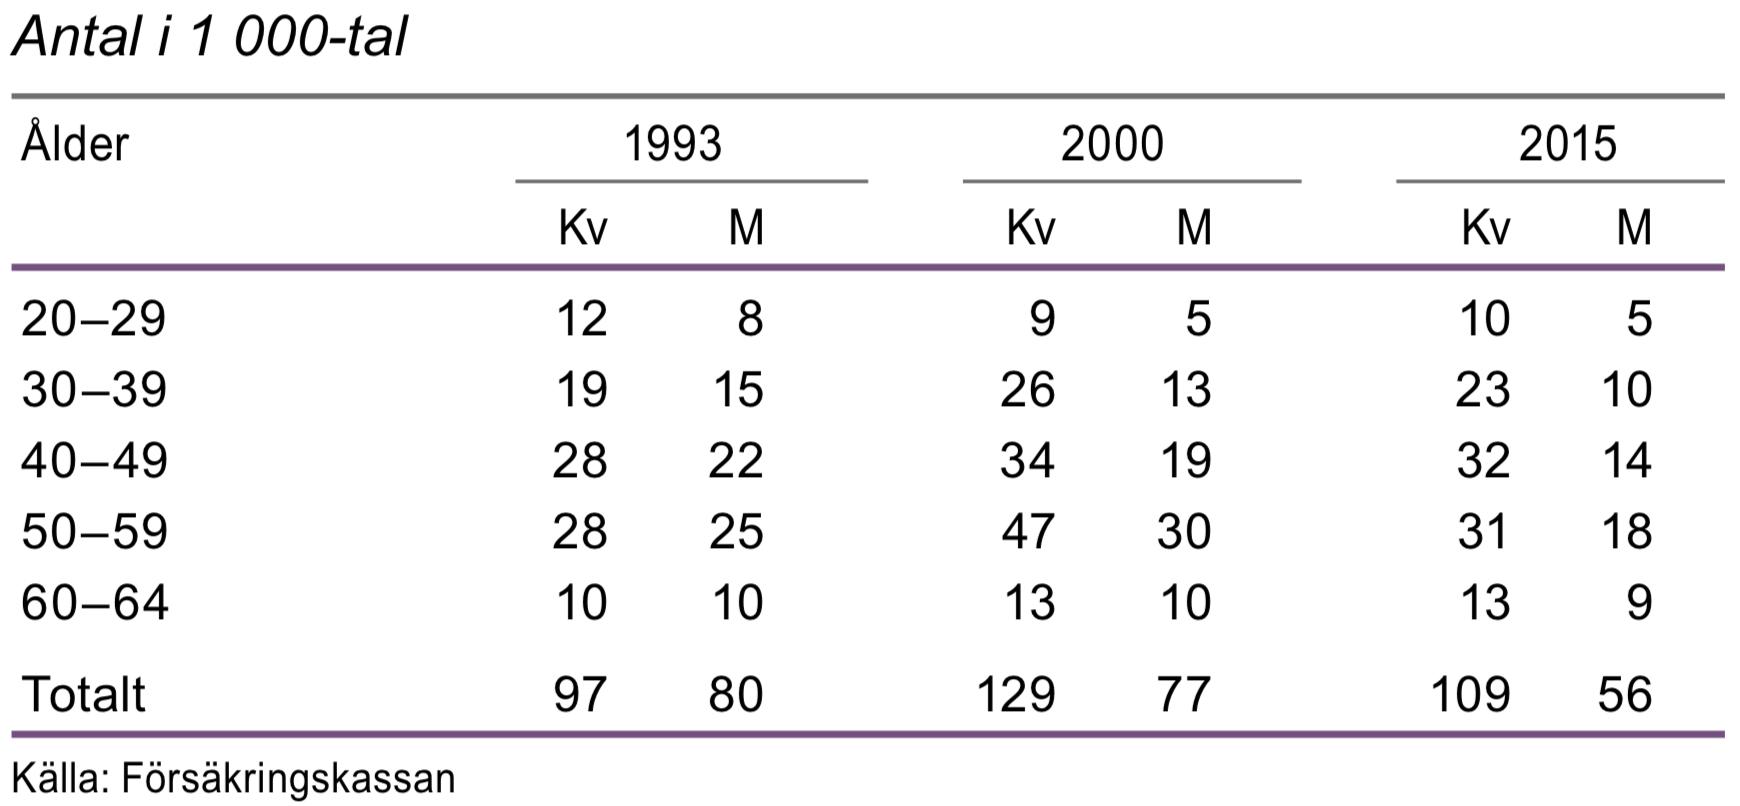 Pågående sjukfall 29 dagar eller längre efter ålder februari 1993, 2000 och 2015